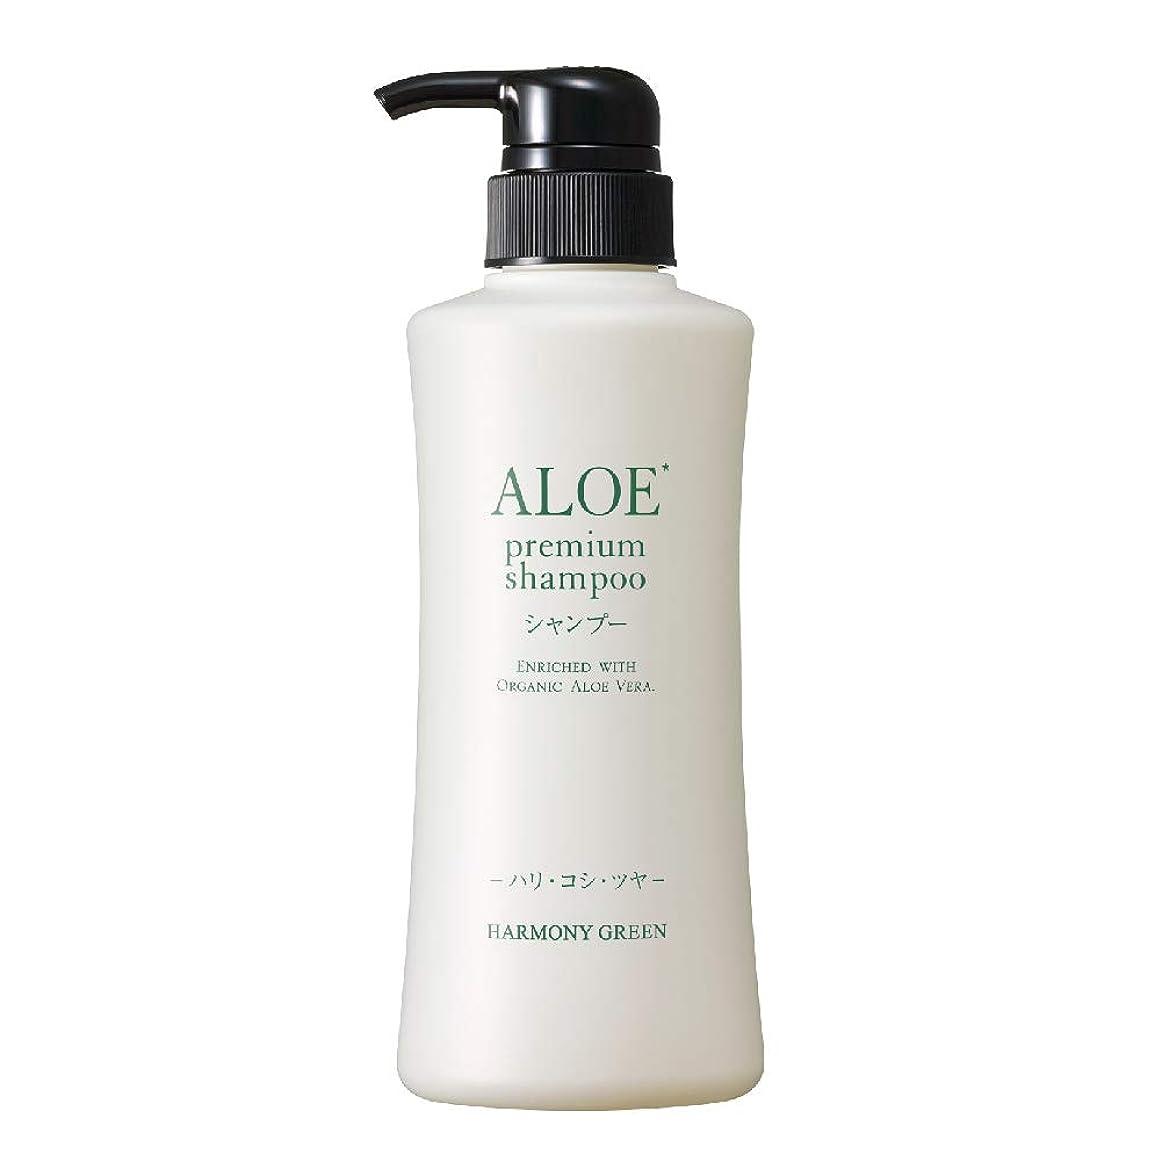 無視する相互酸化するアロエプレミアム シャンプー〈頭髪用洗浄料〉